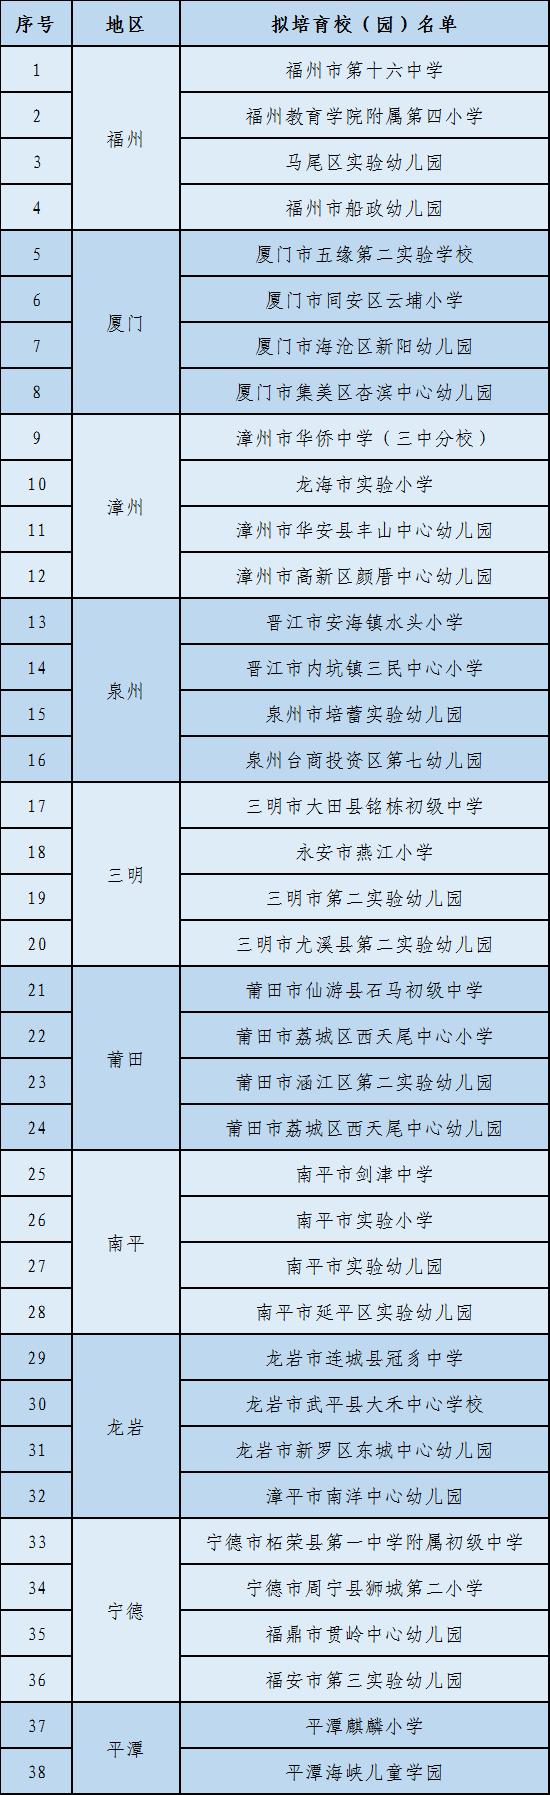 省教育厅公布特殊教育改革试点校和融合教育试点校名单